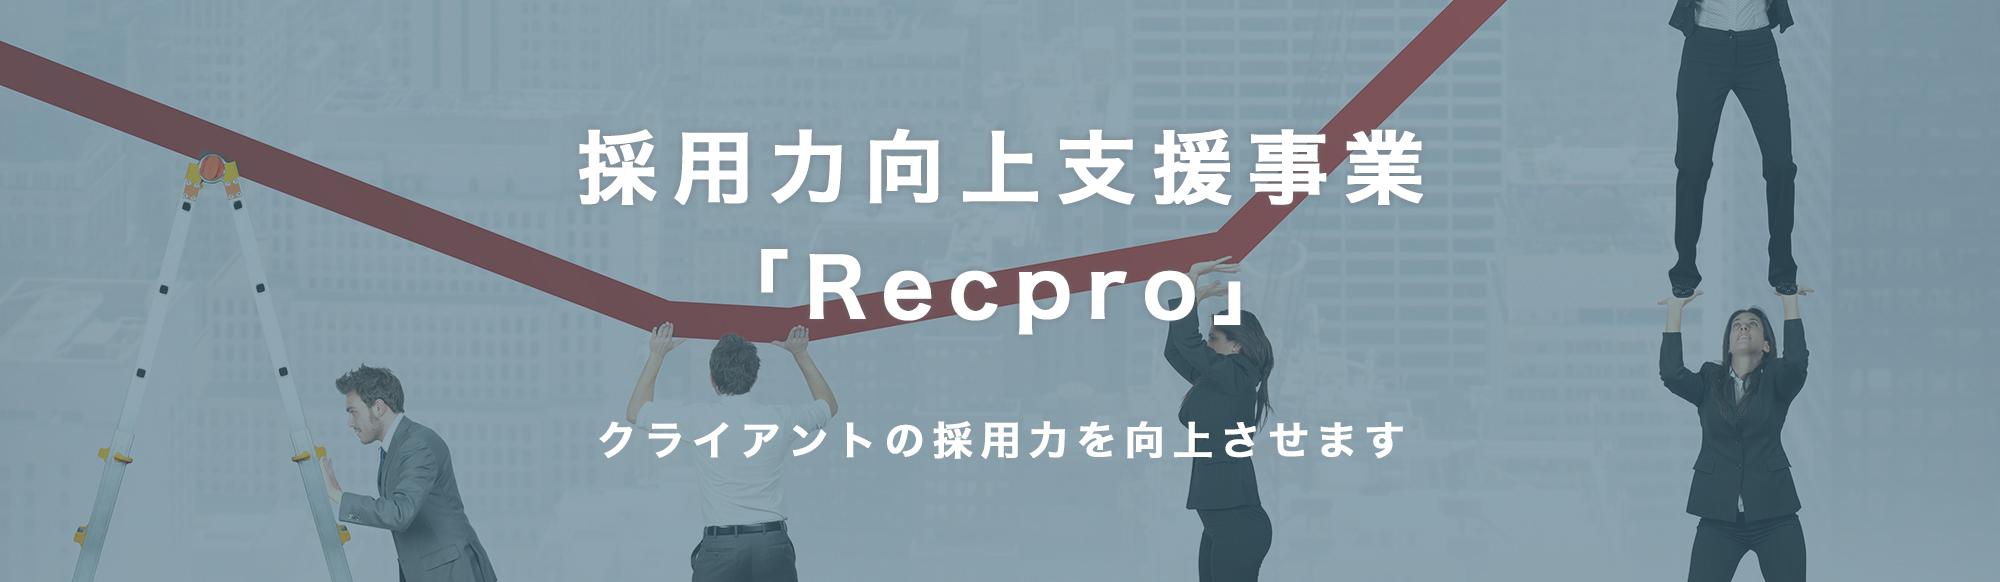 Recpro